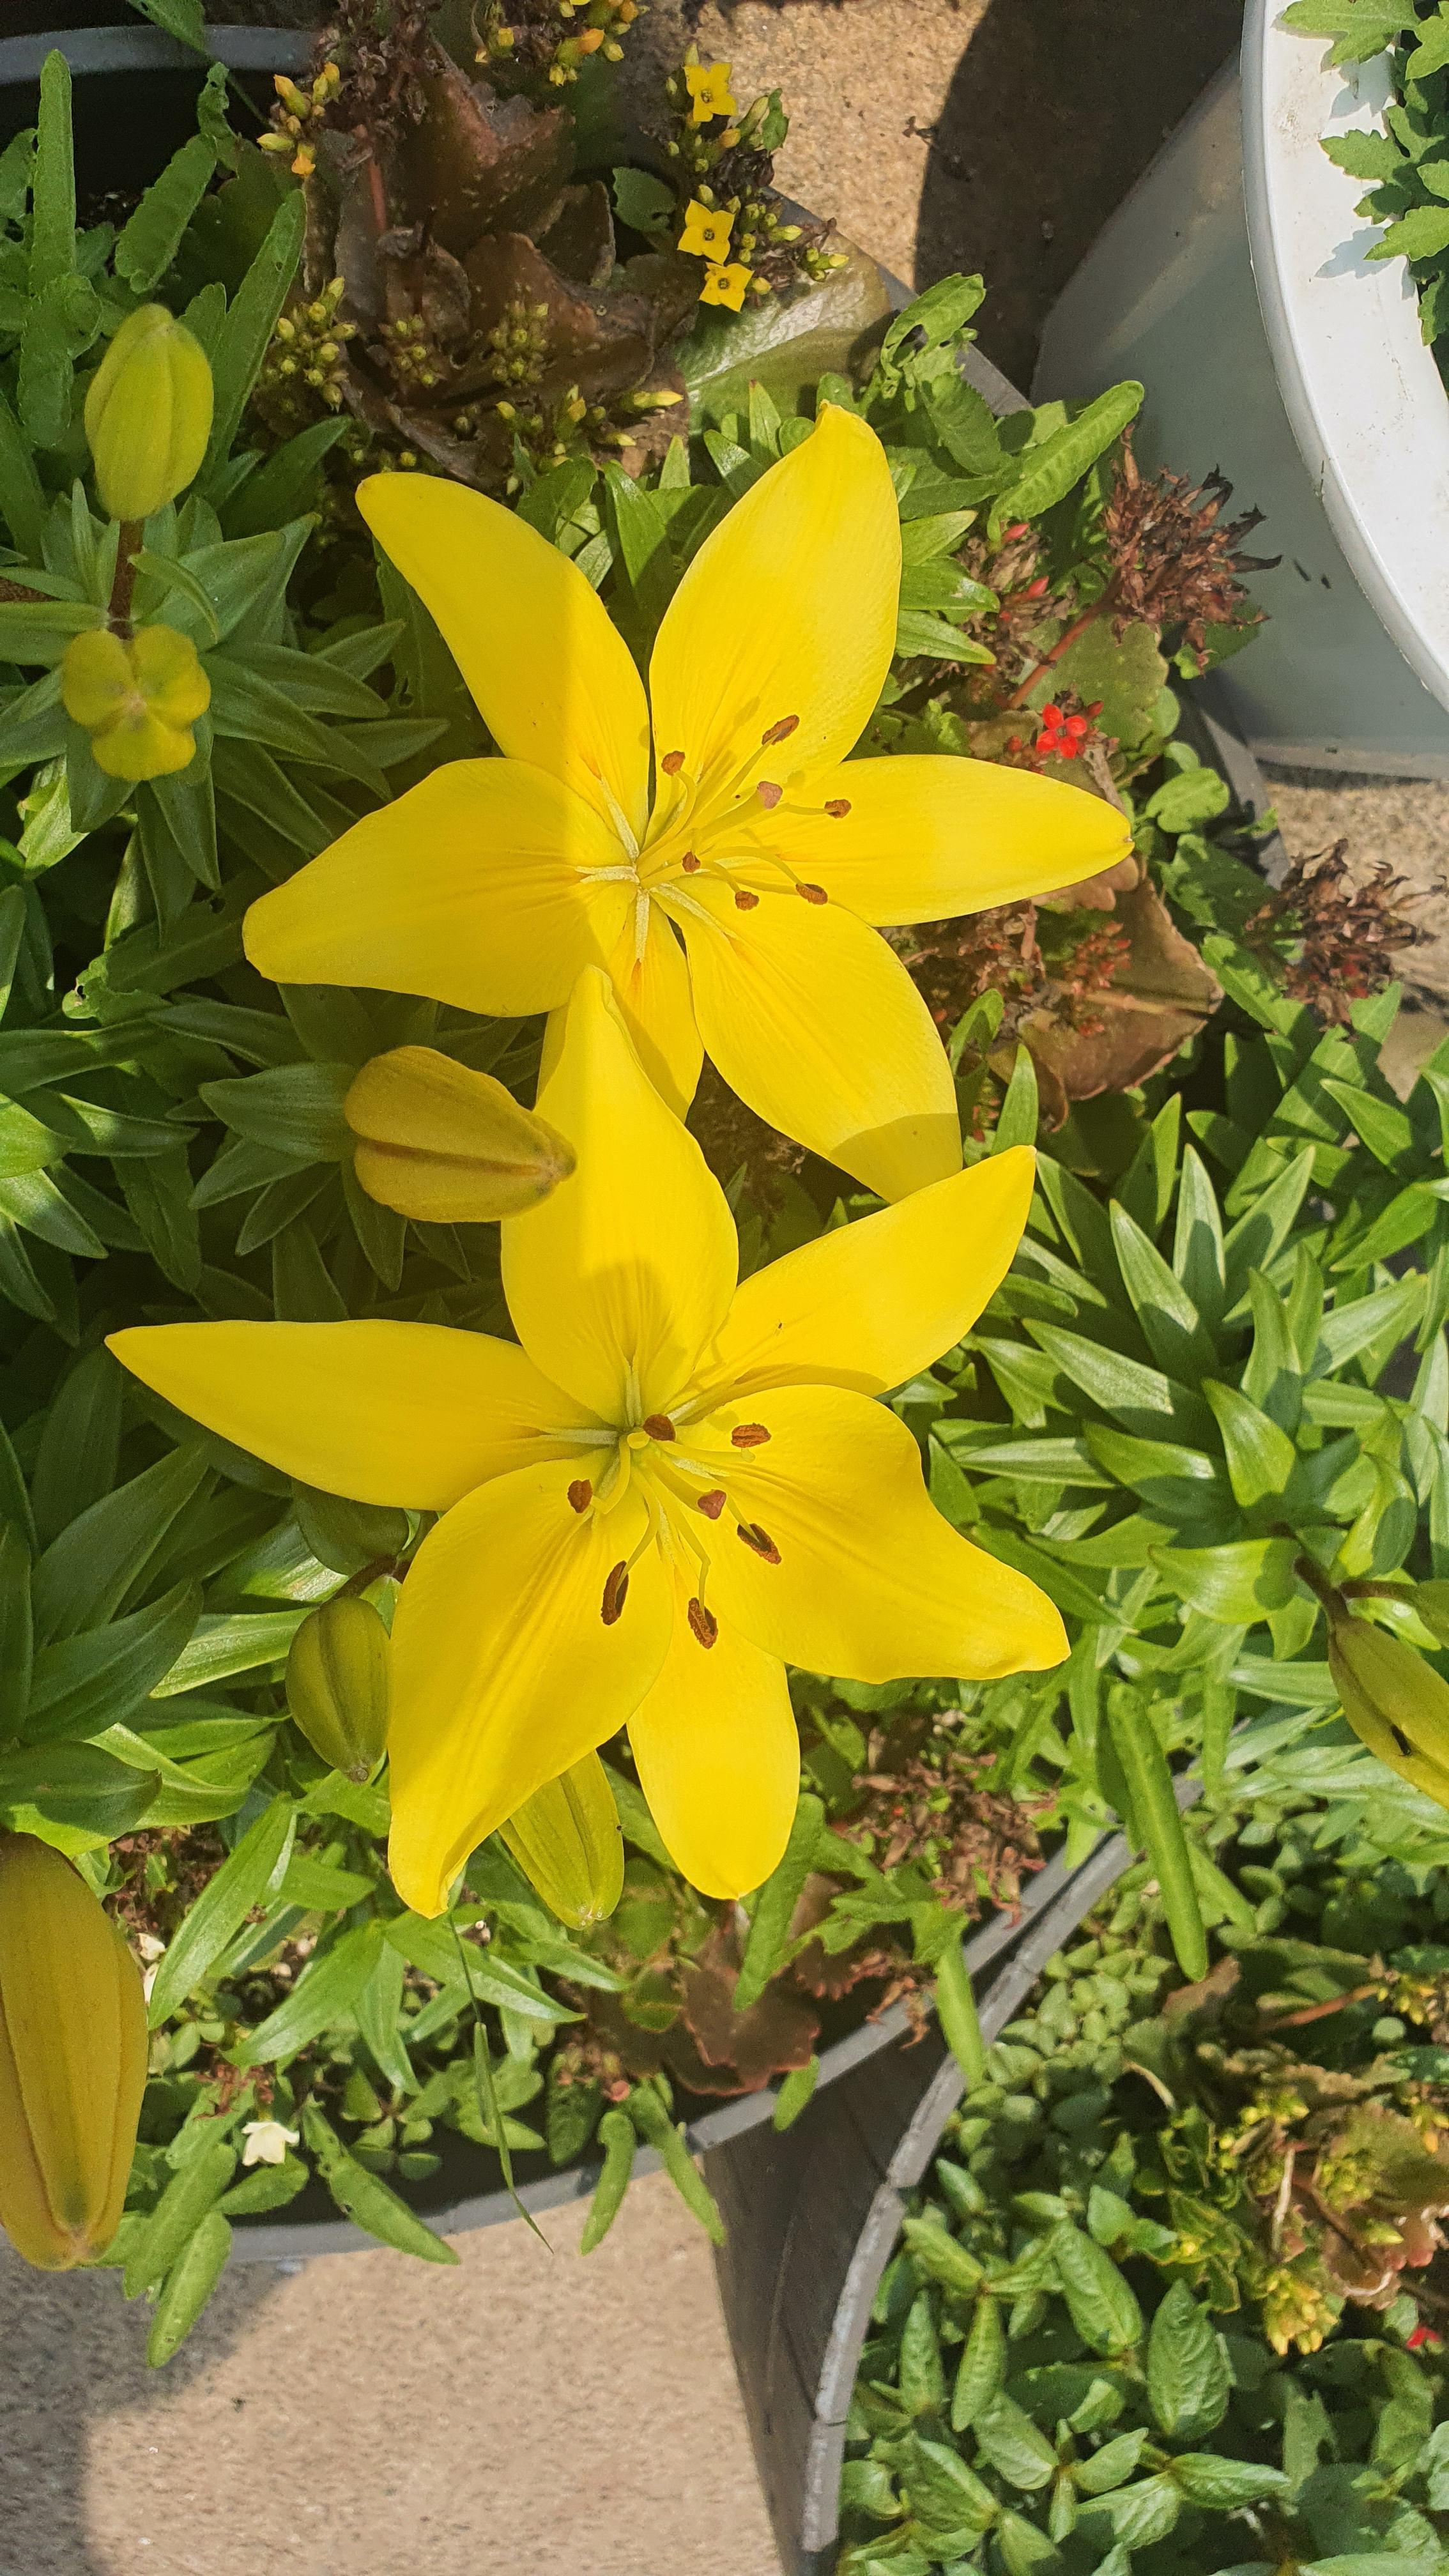 오늘 하루 일과는 꽃과 맛집 그리고 부산으로 향합니다